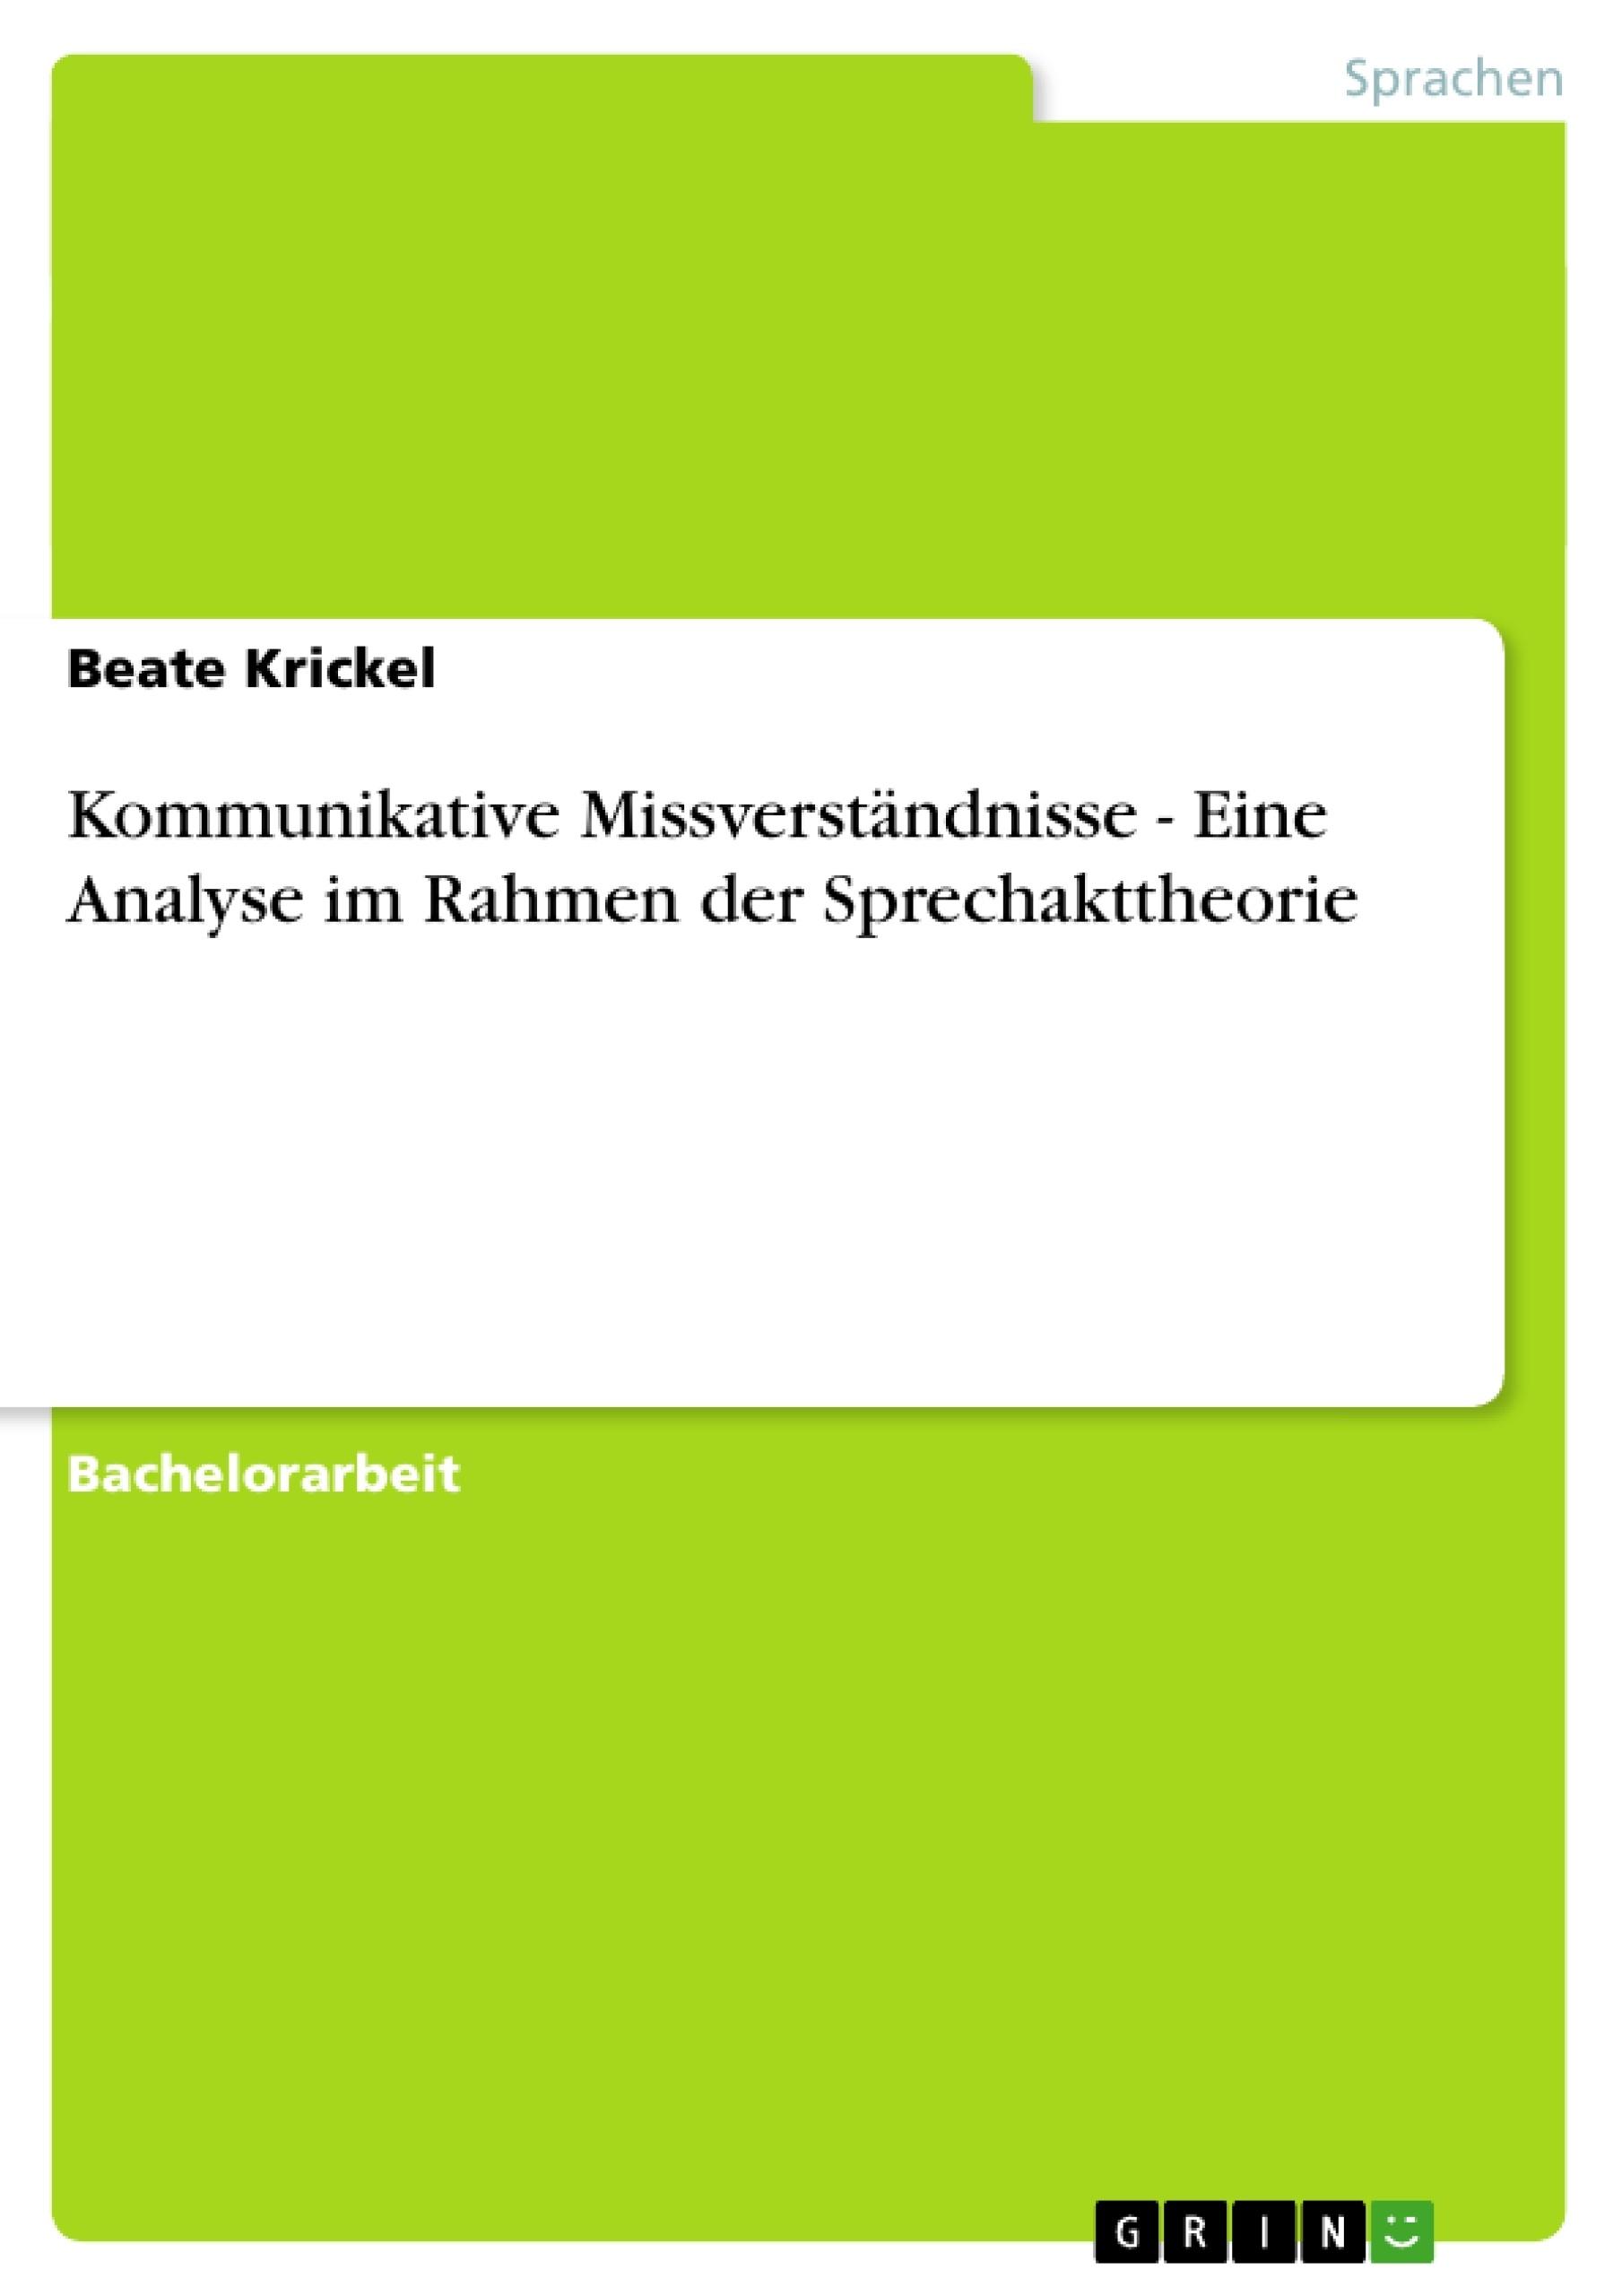 Titel: Kommunikative Missverständnisse - Eine Analyse im Rahmen der Sprechakttheorie